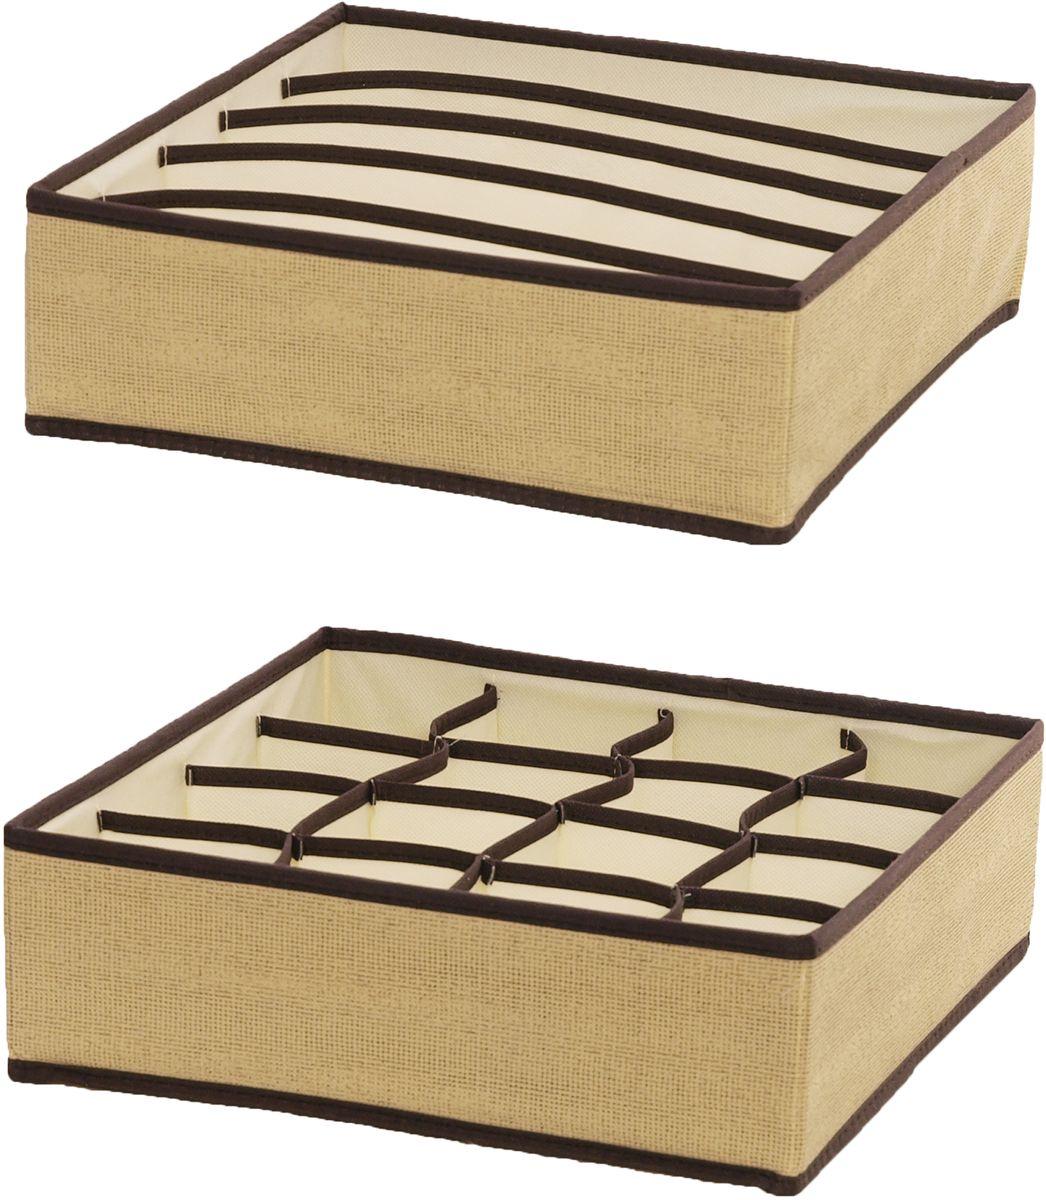 Набор органайзеров HomeMaster, 32 х 32 х 10 см, 2 штUP210DFНабор из двух органайзеров HomeMaster предназначен для хранения аксессуаров и нижнего белья. Он обеспечит бережное хранение вещей и позволит организовать внутреннее пространство вашего дома. Теперь вы быстро найдете необходимую вещь. Органайзер можно расположить, как на полке, так и в выдвижном ящике вашего шкафа.